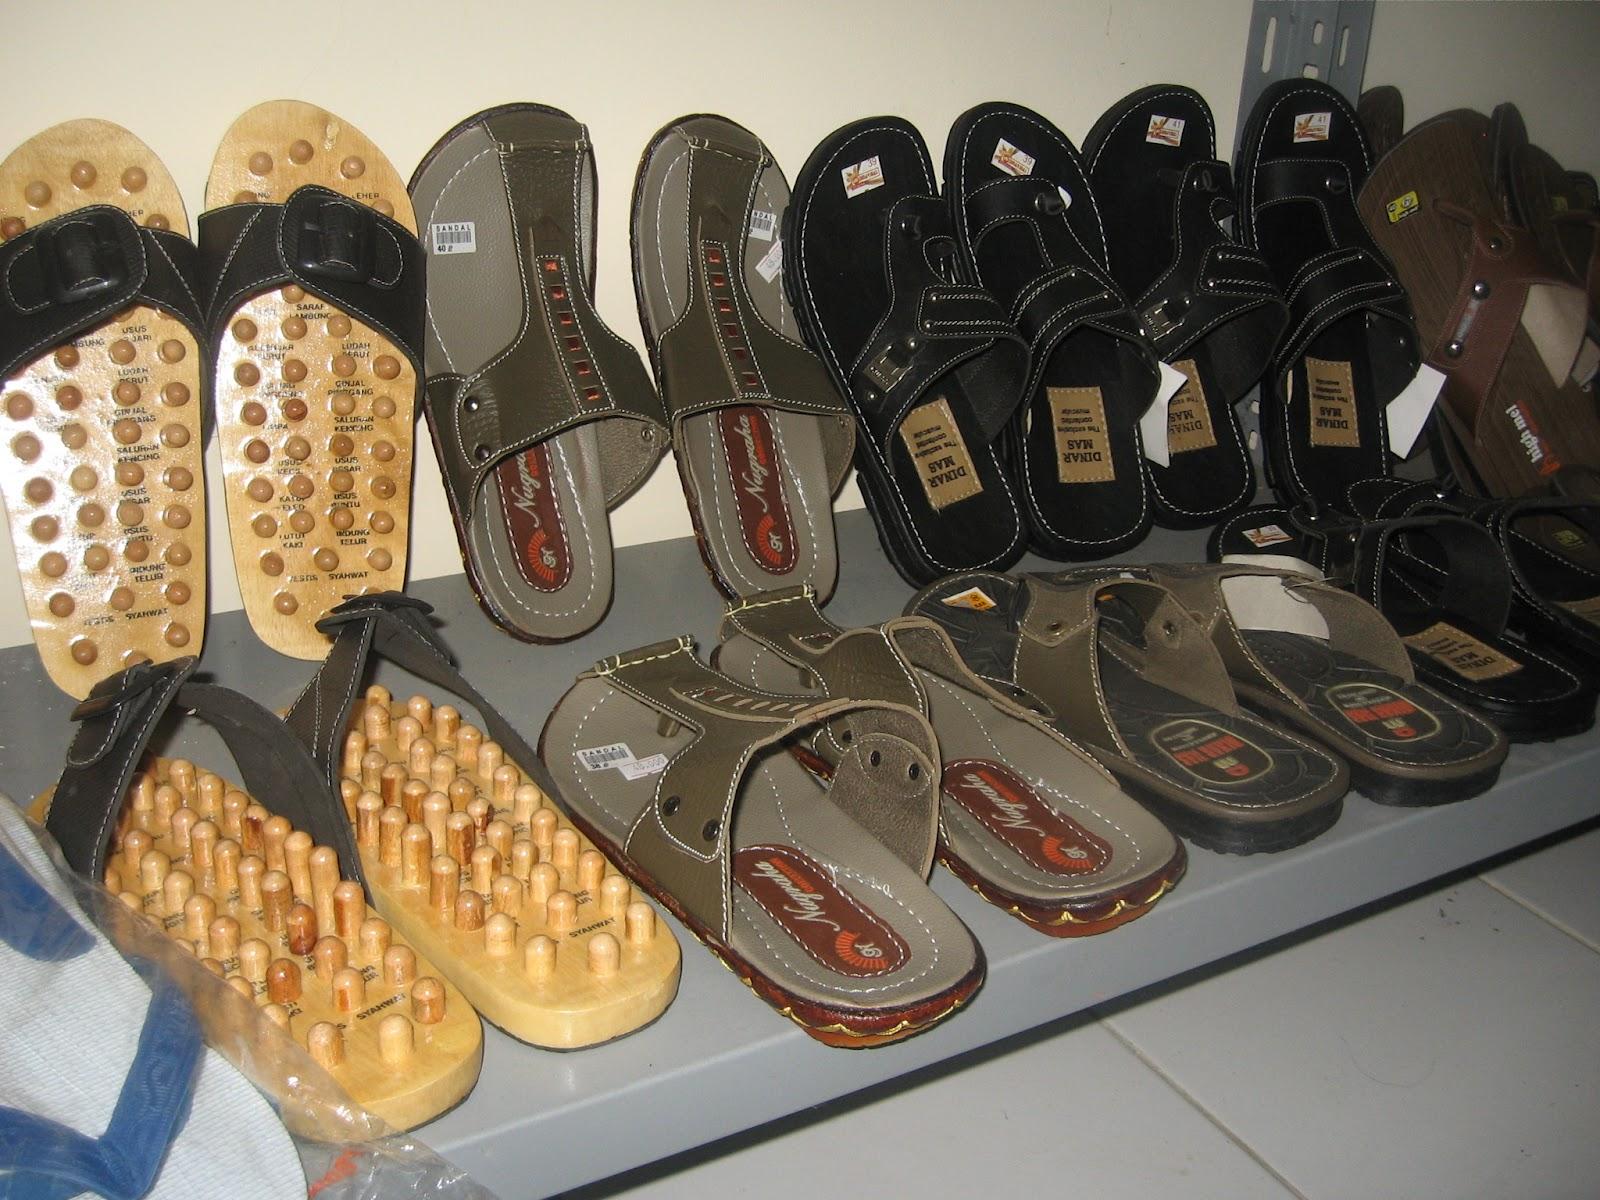 Toko Rubent: Jual Sandal Sepatu Keluarga